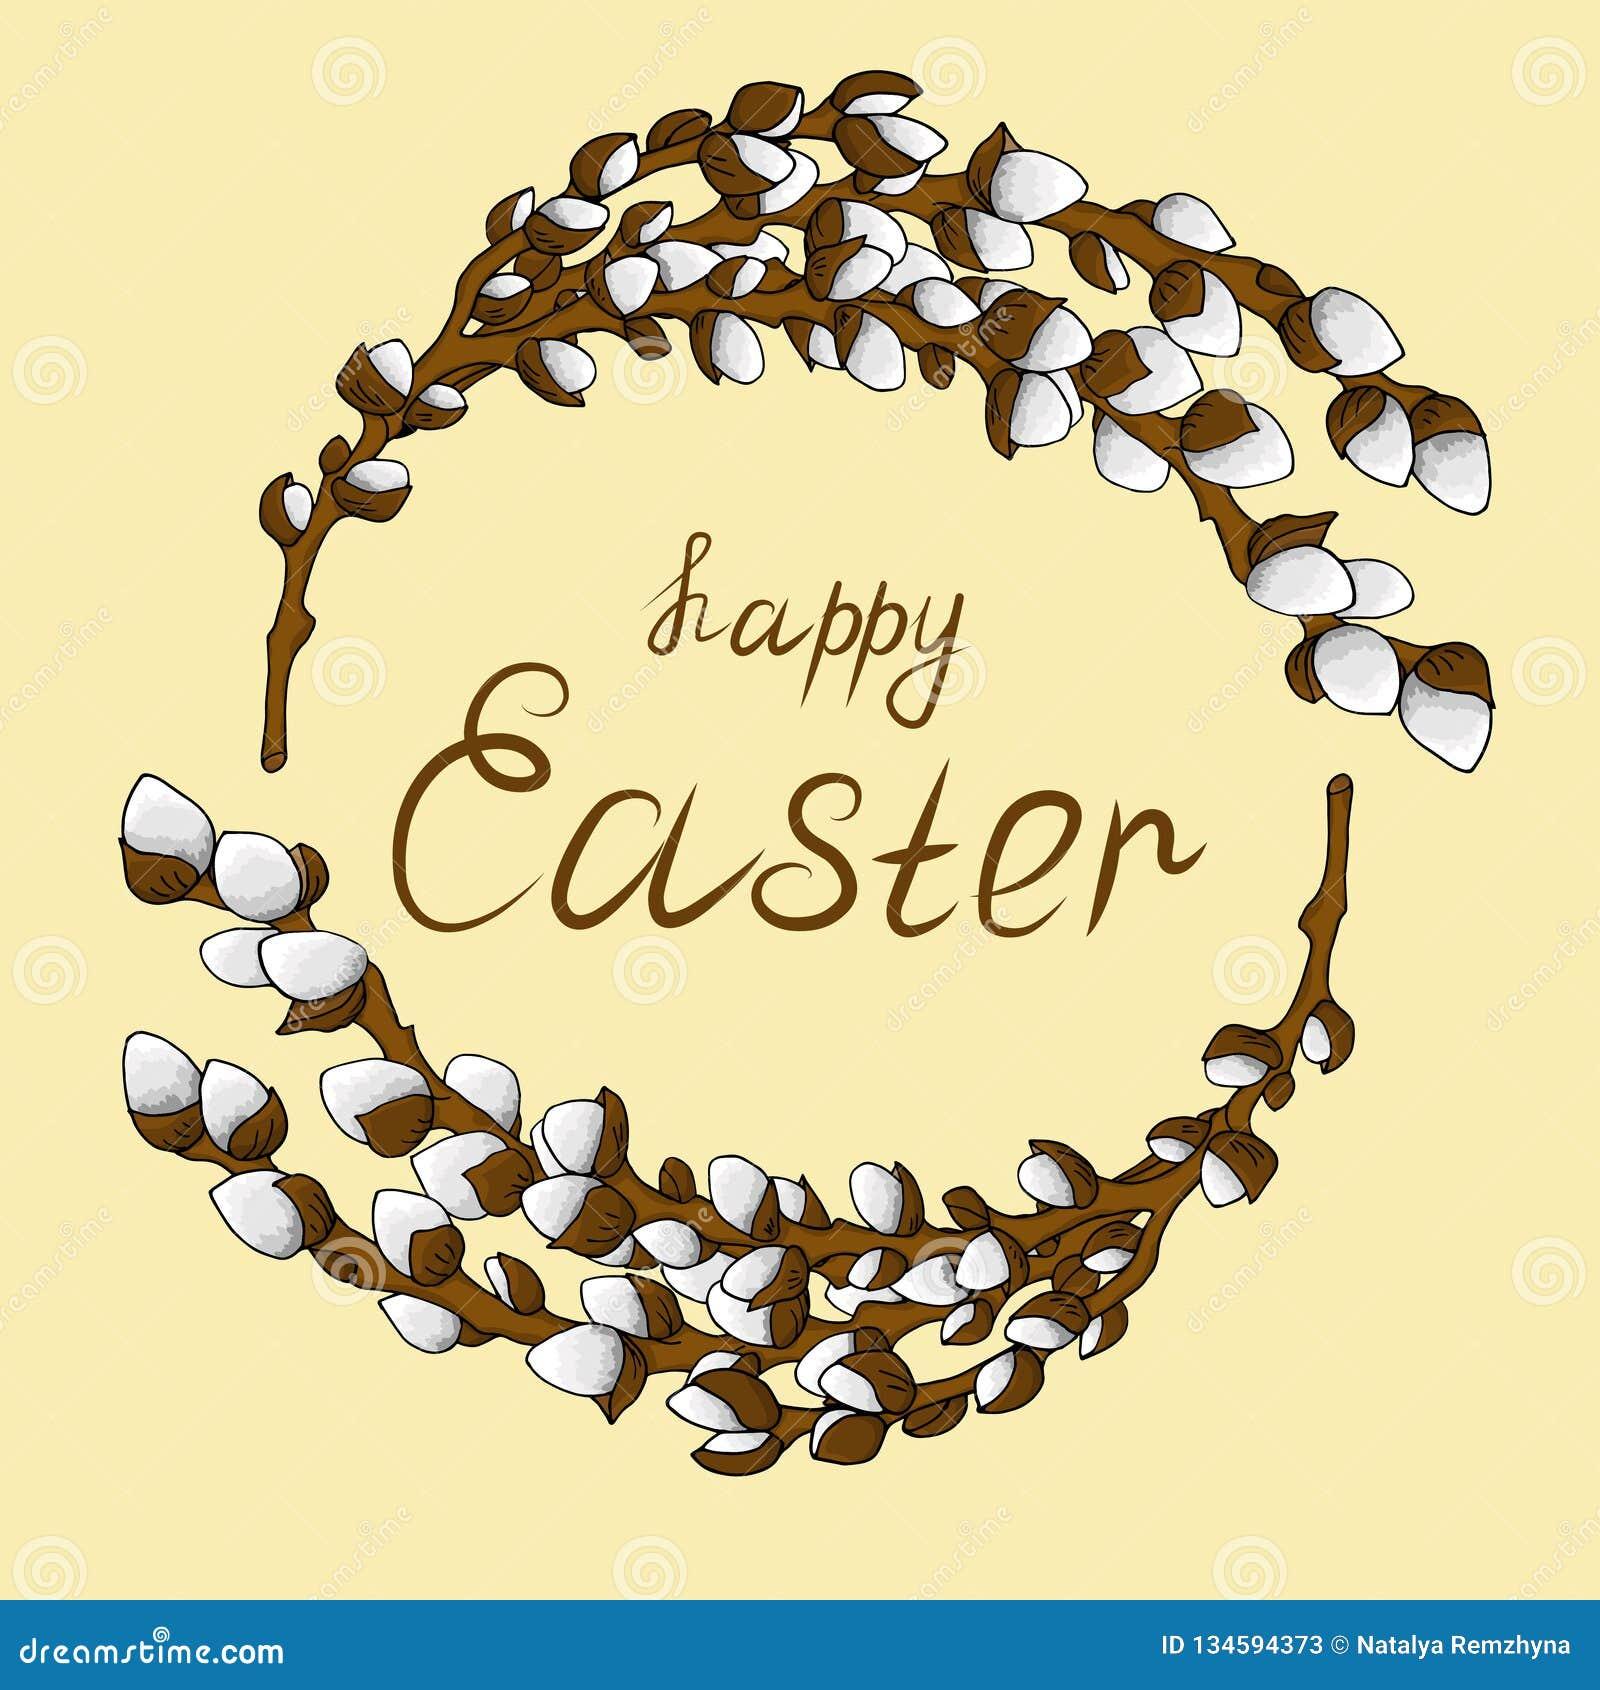 Grinalda do quadro para o texto dos ramos novos do salgueiro com botões abertos Felicitações em uma Páscoa feliz